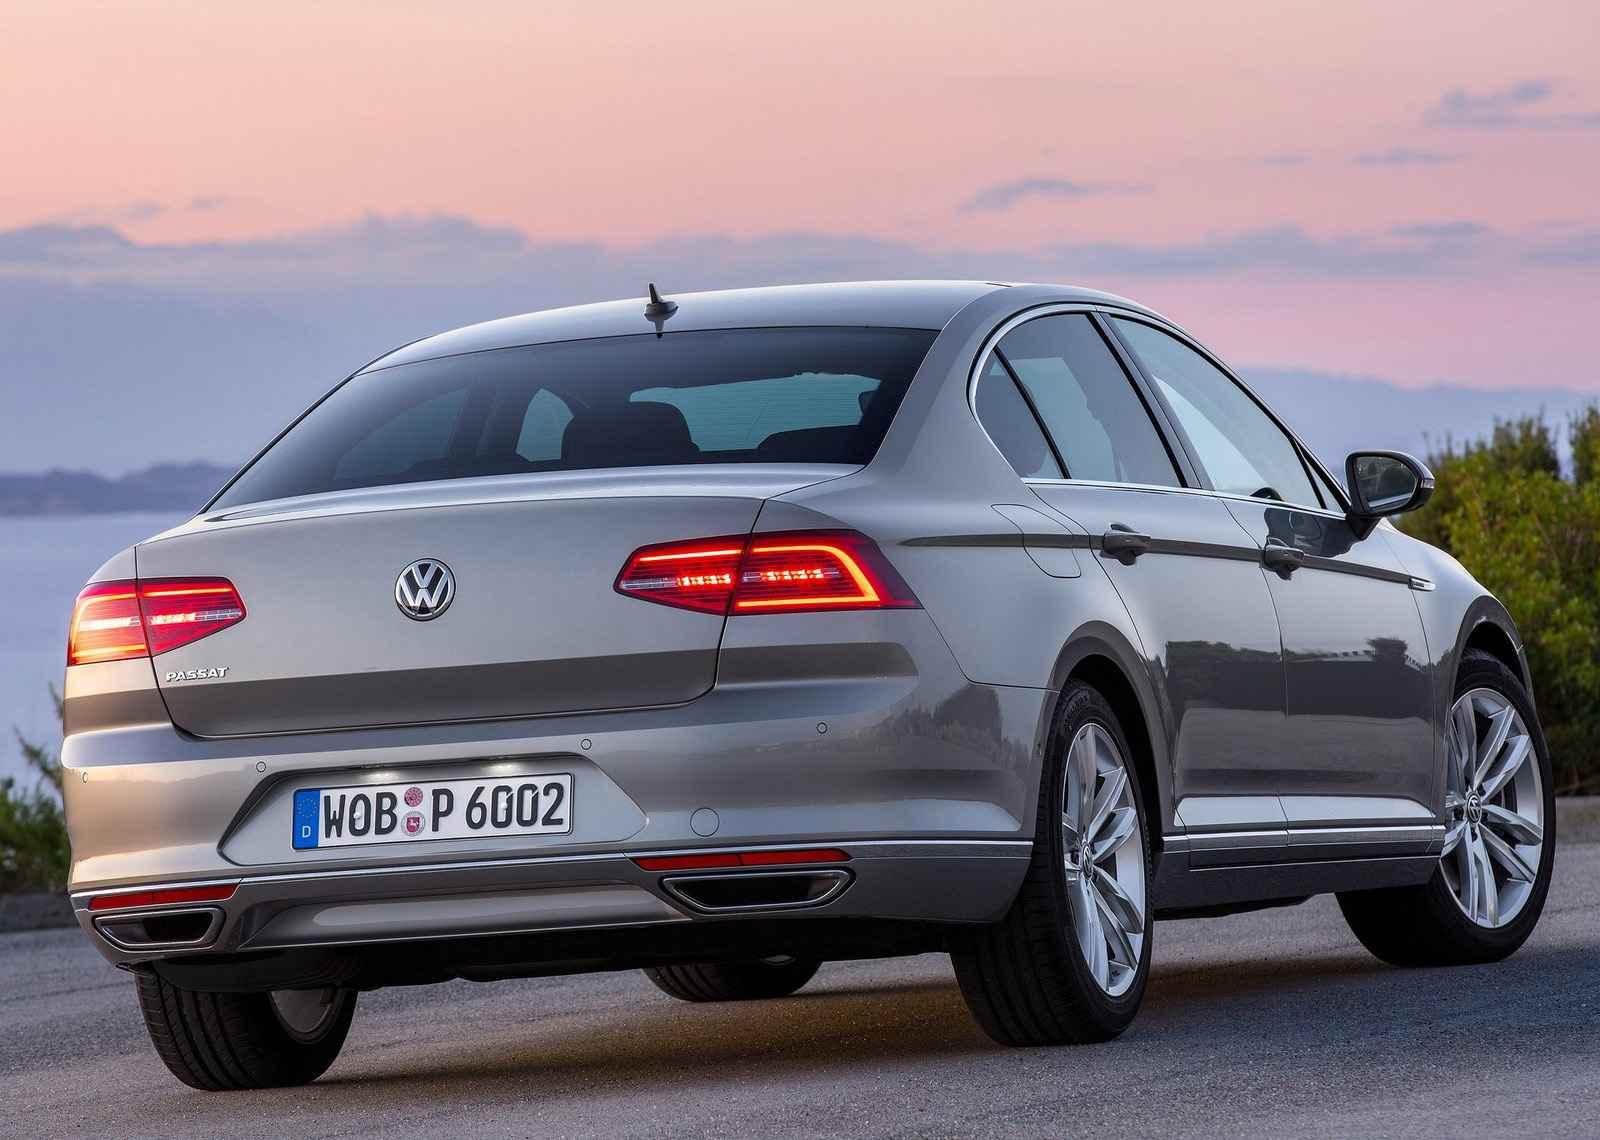 2015 volkswagen passat güncel fiyatları | uygun taşıt